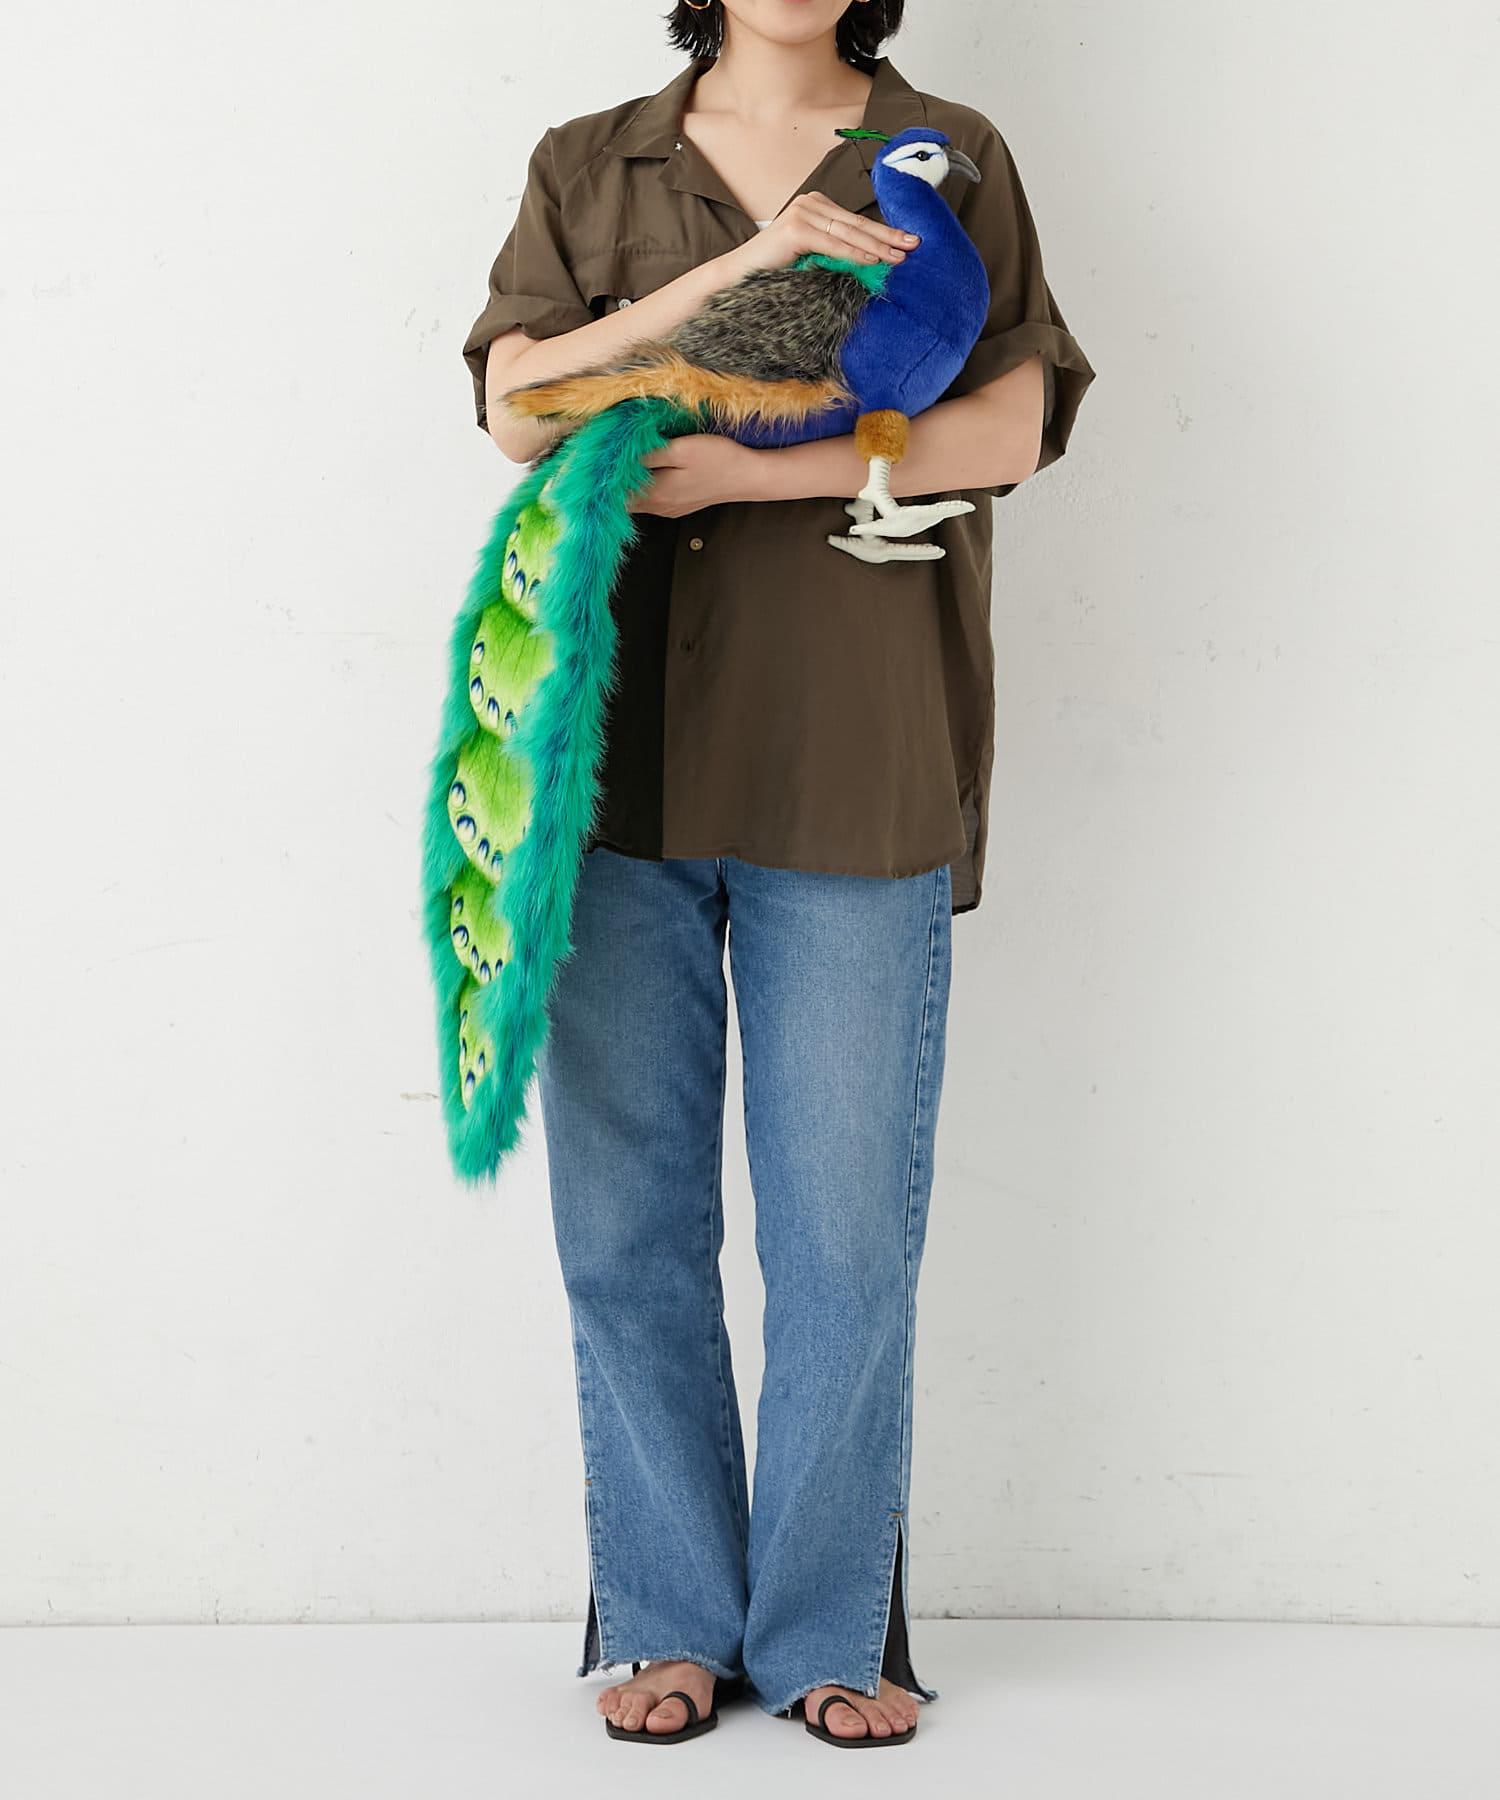 BONbazaar(ボンバザール) ライフスタイル 【HANSA】クジャク PEACOCK カラーなし